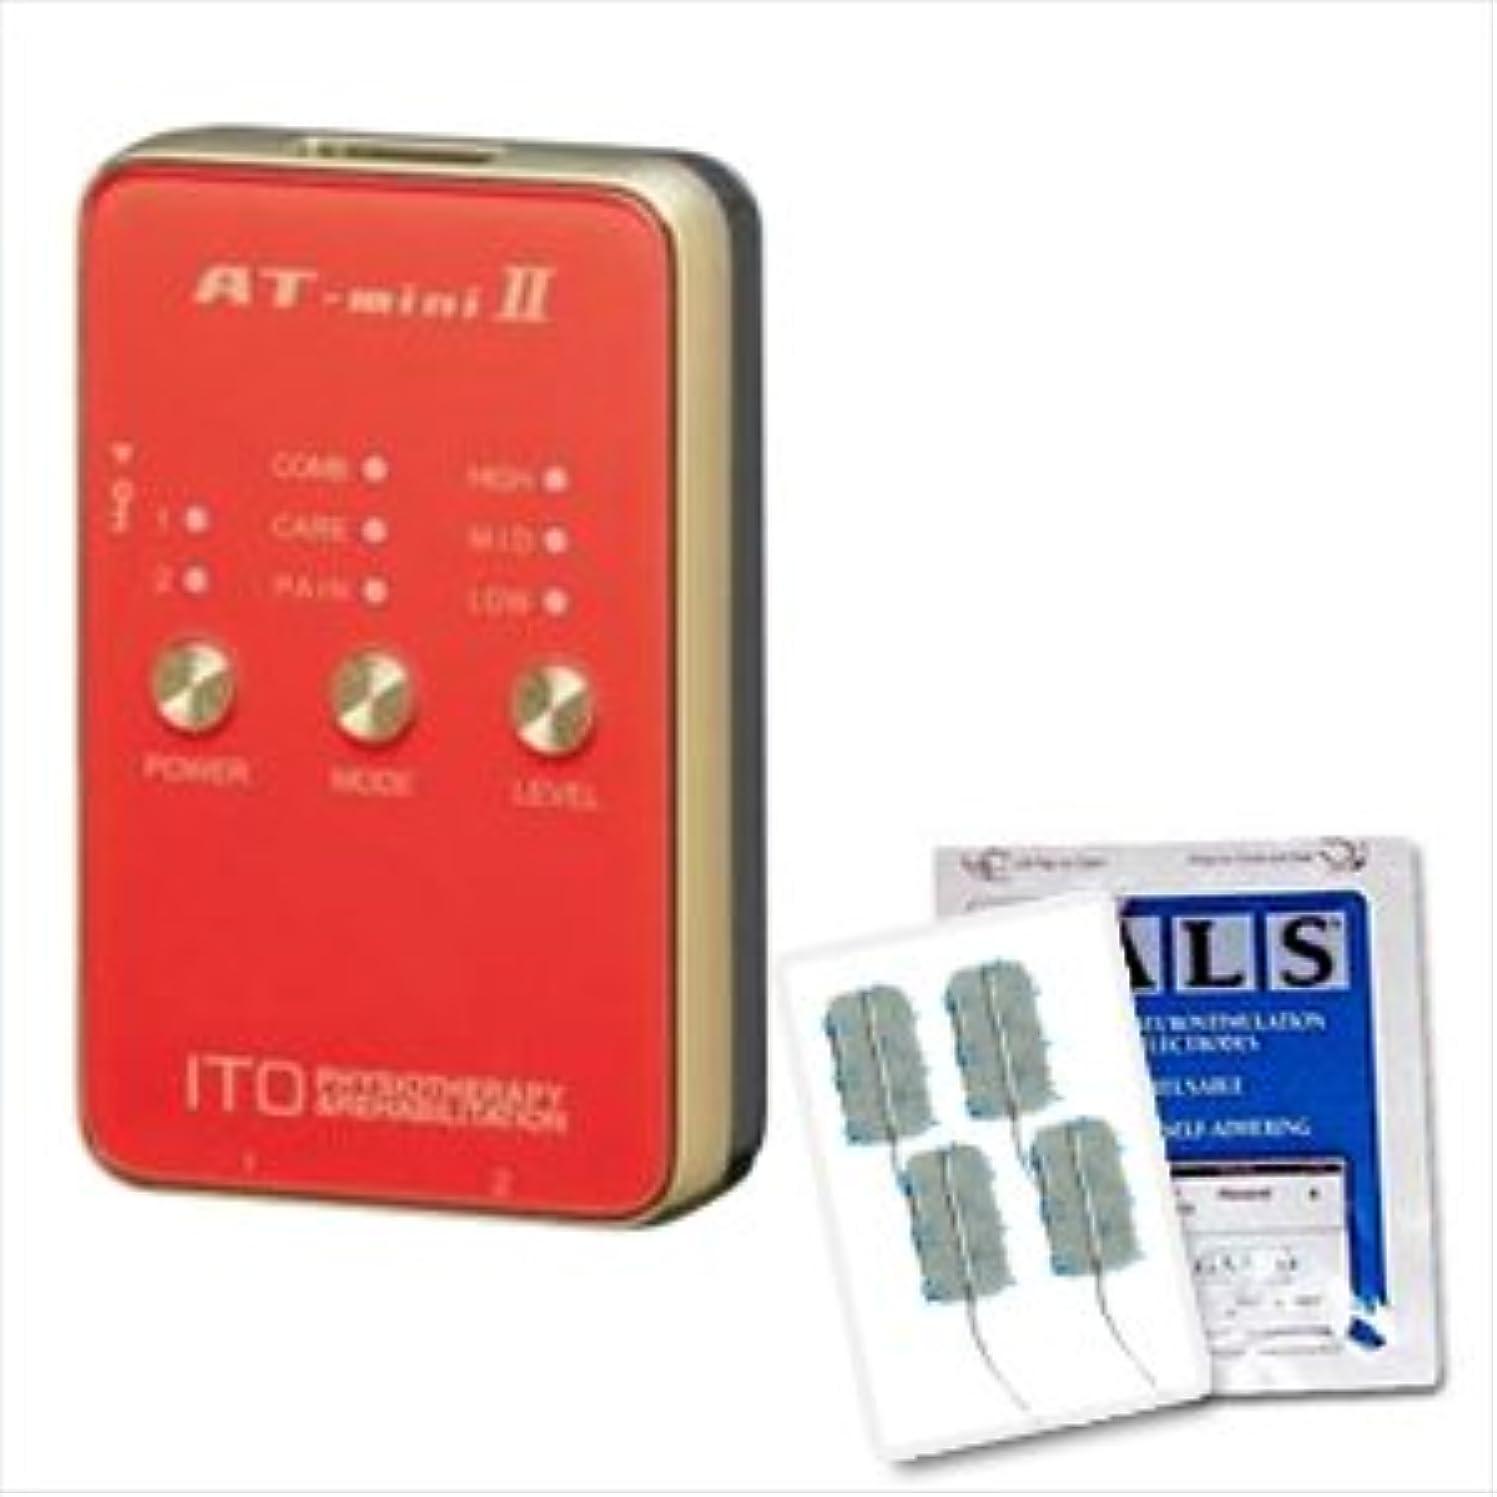 大脳アブストラクト習慣低周波治療器 AT-mini II オレンジ +アクセルガードLサイズ(5x9cm:1袋4枚入)セット